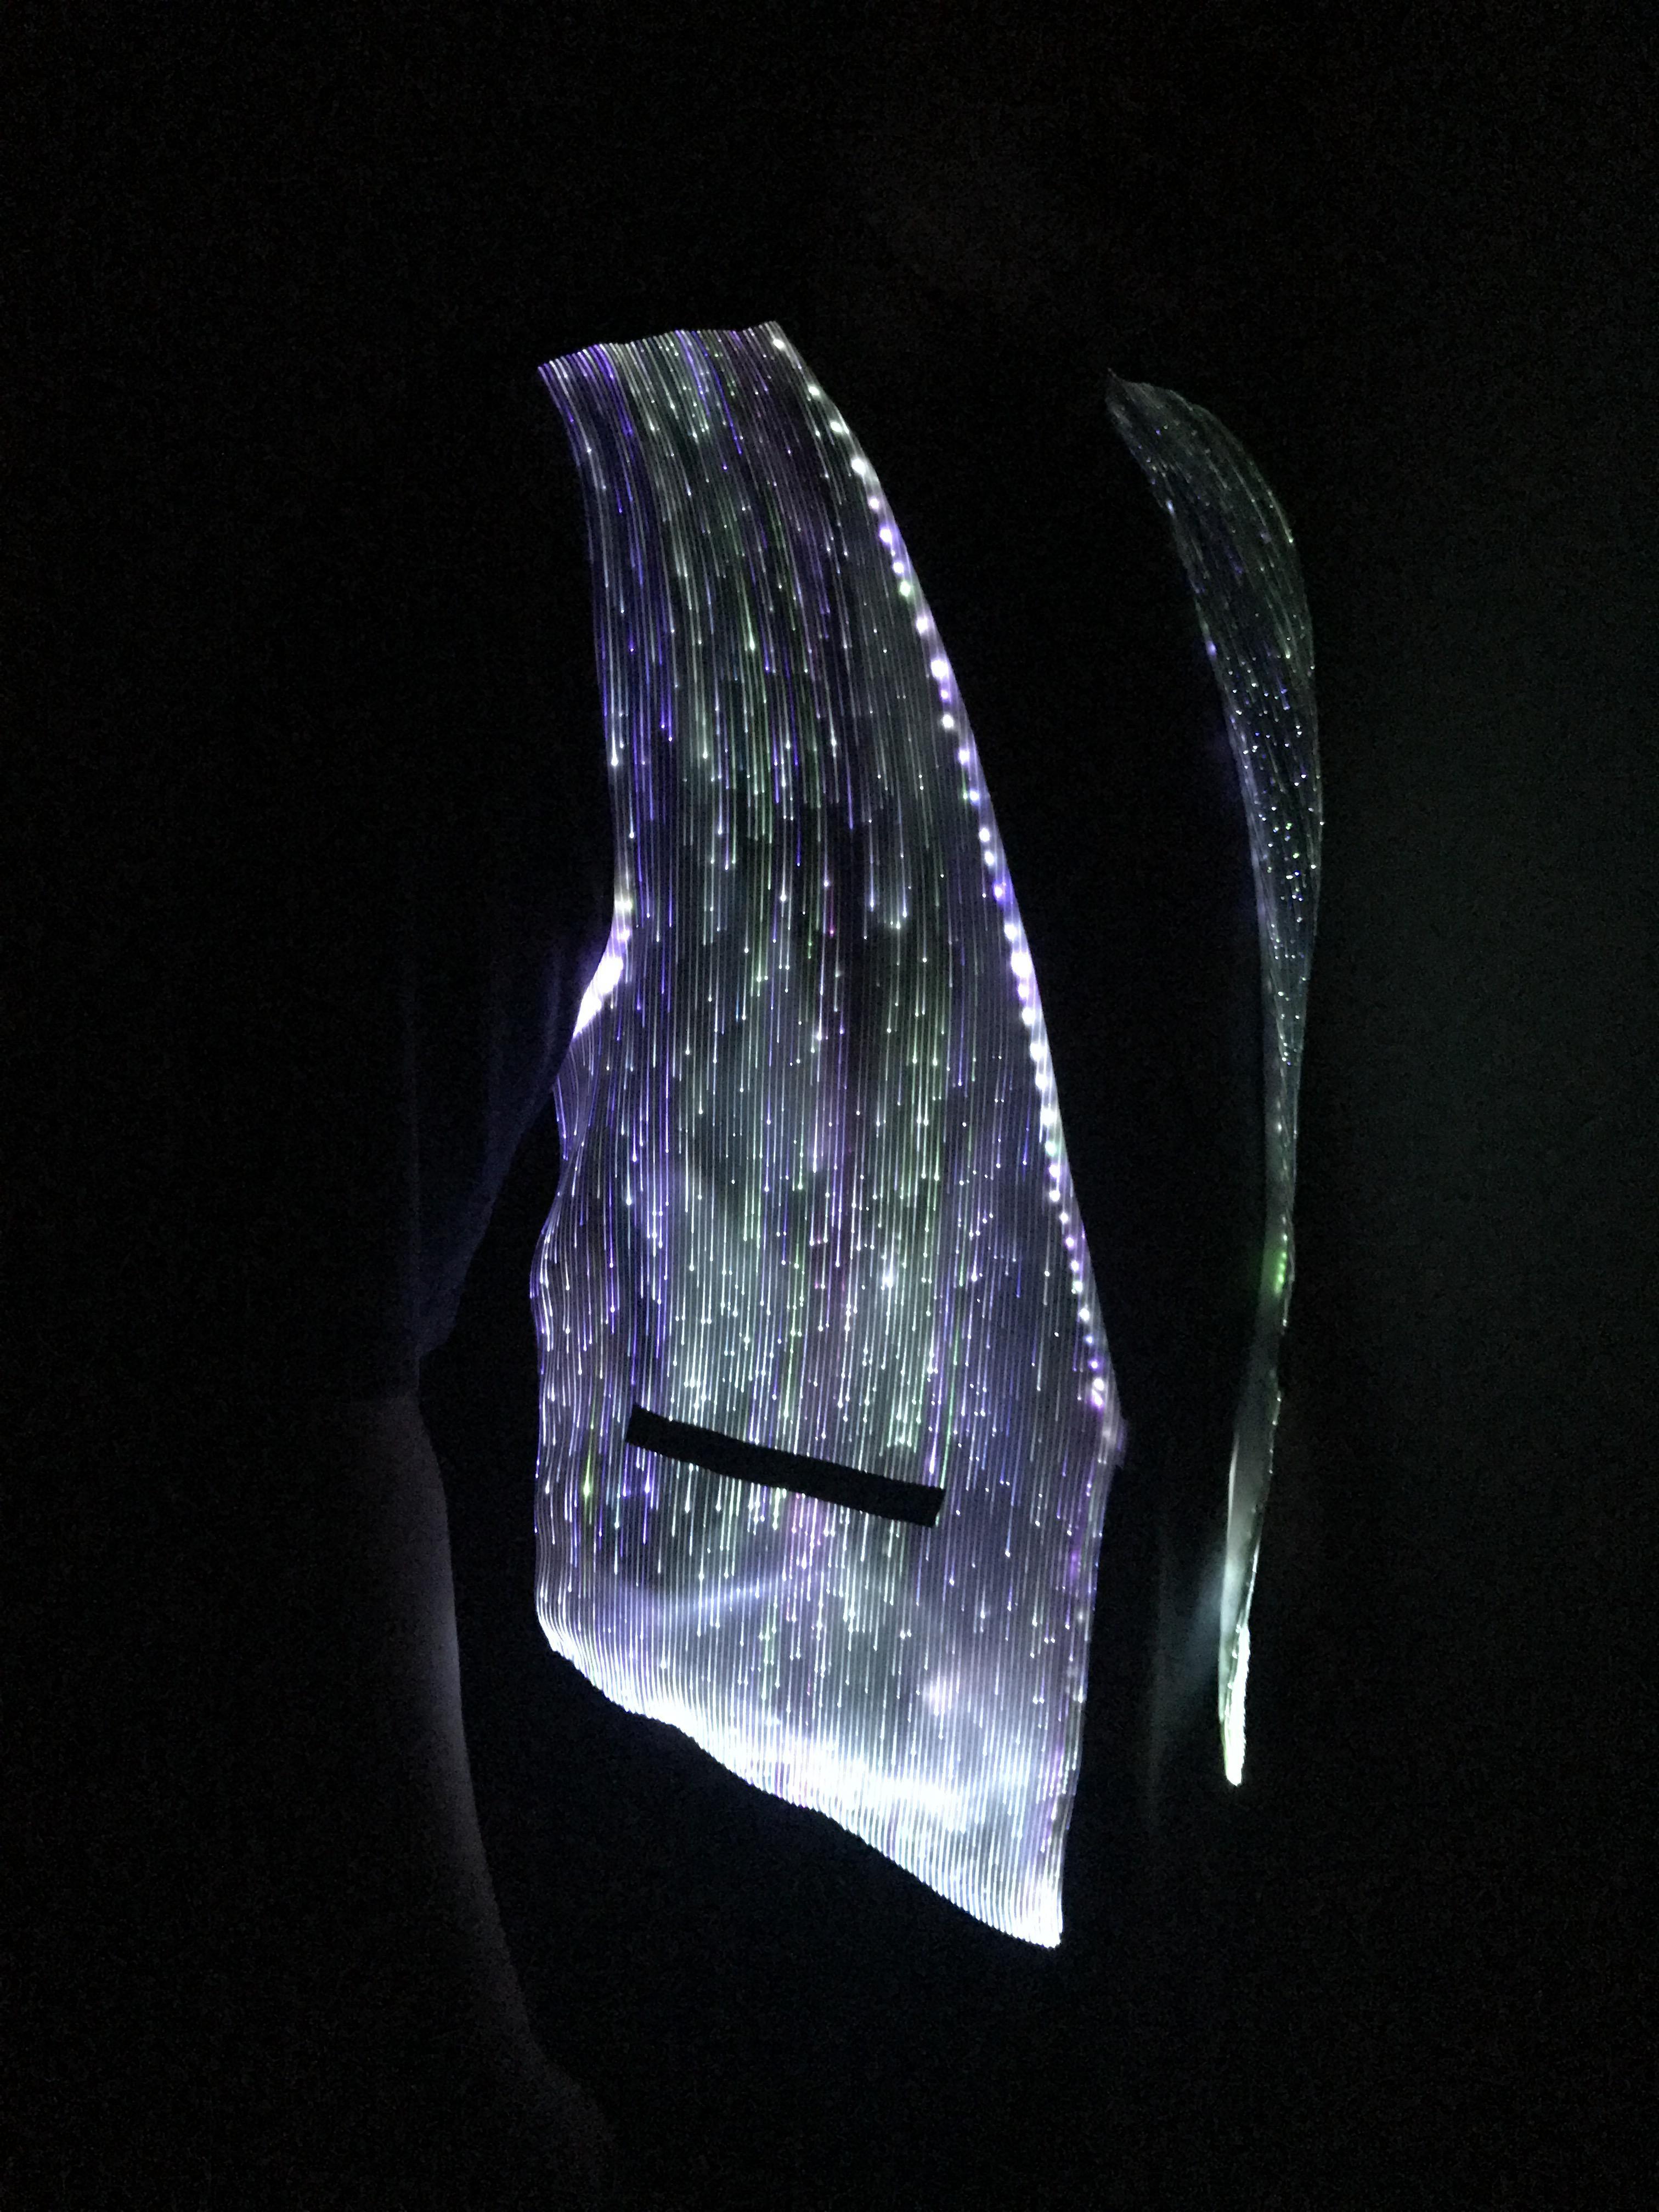 Mens Rave Outfit LED Одежда света в темных рубашках Горящие костюмы мужчины, контроль приложений, звук активирован, волоконно-оптическая ткань